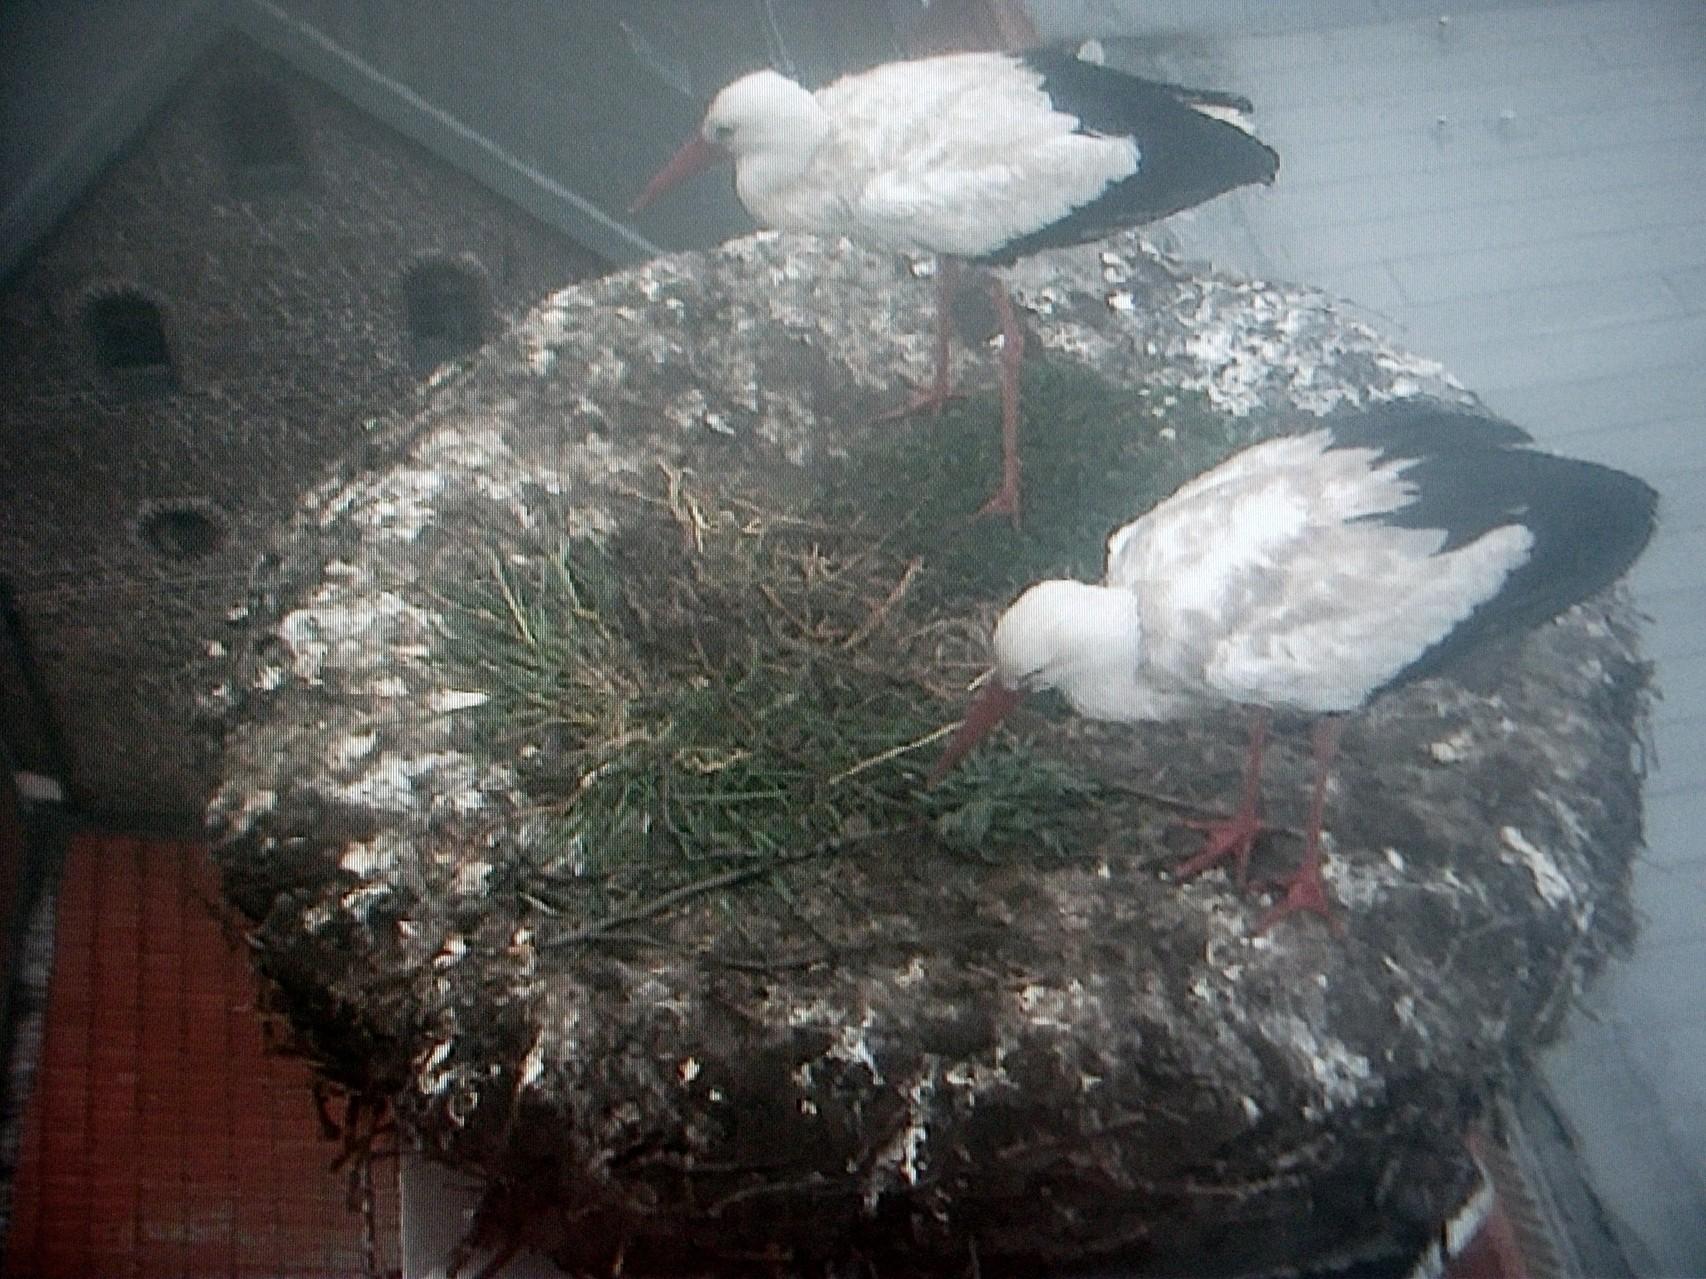 Hillerichs auf mit Gras bewachsenen Nest